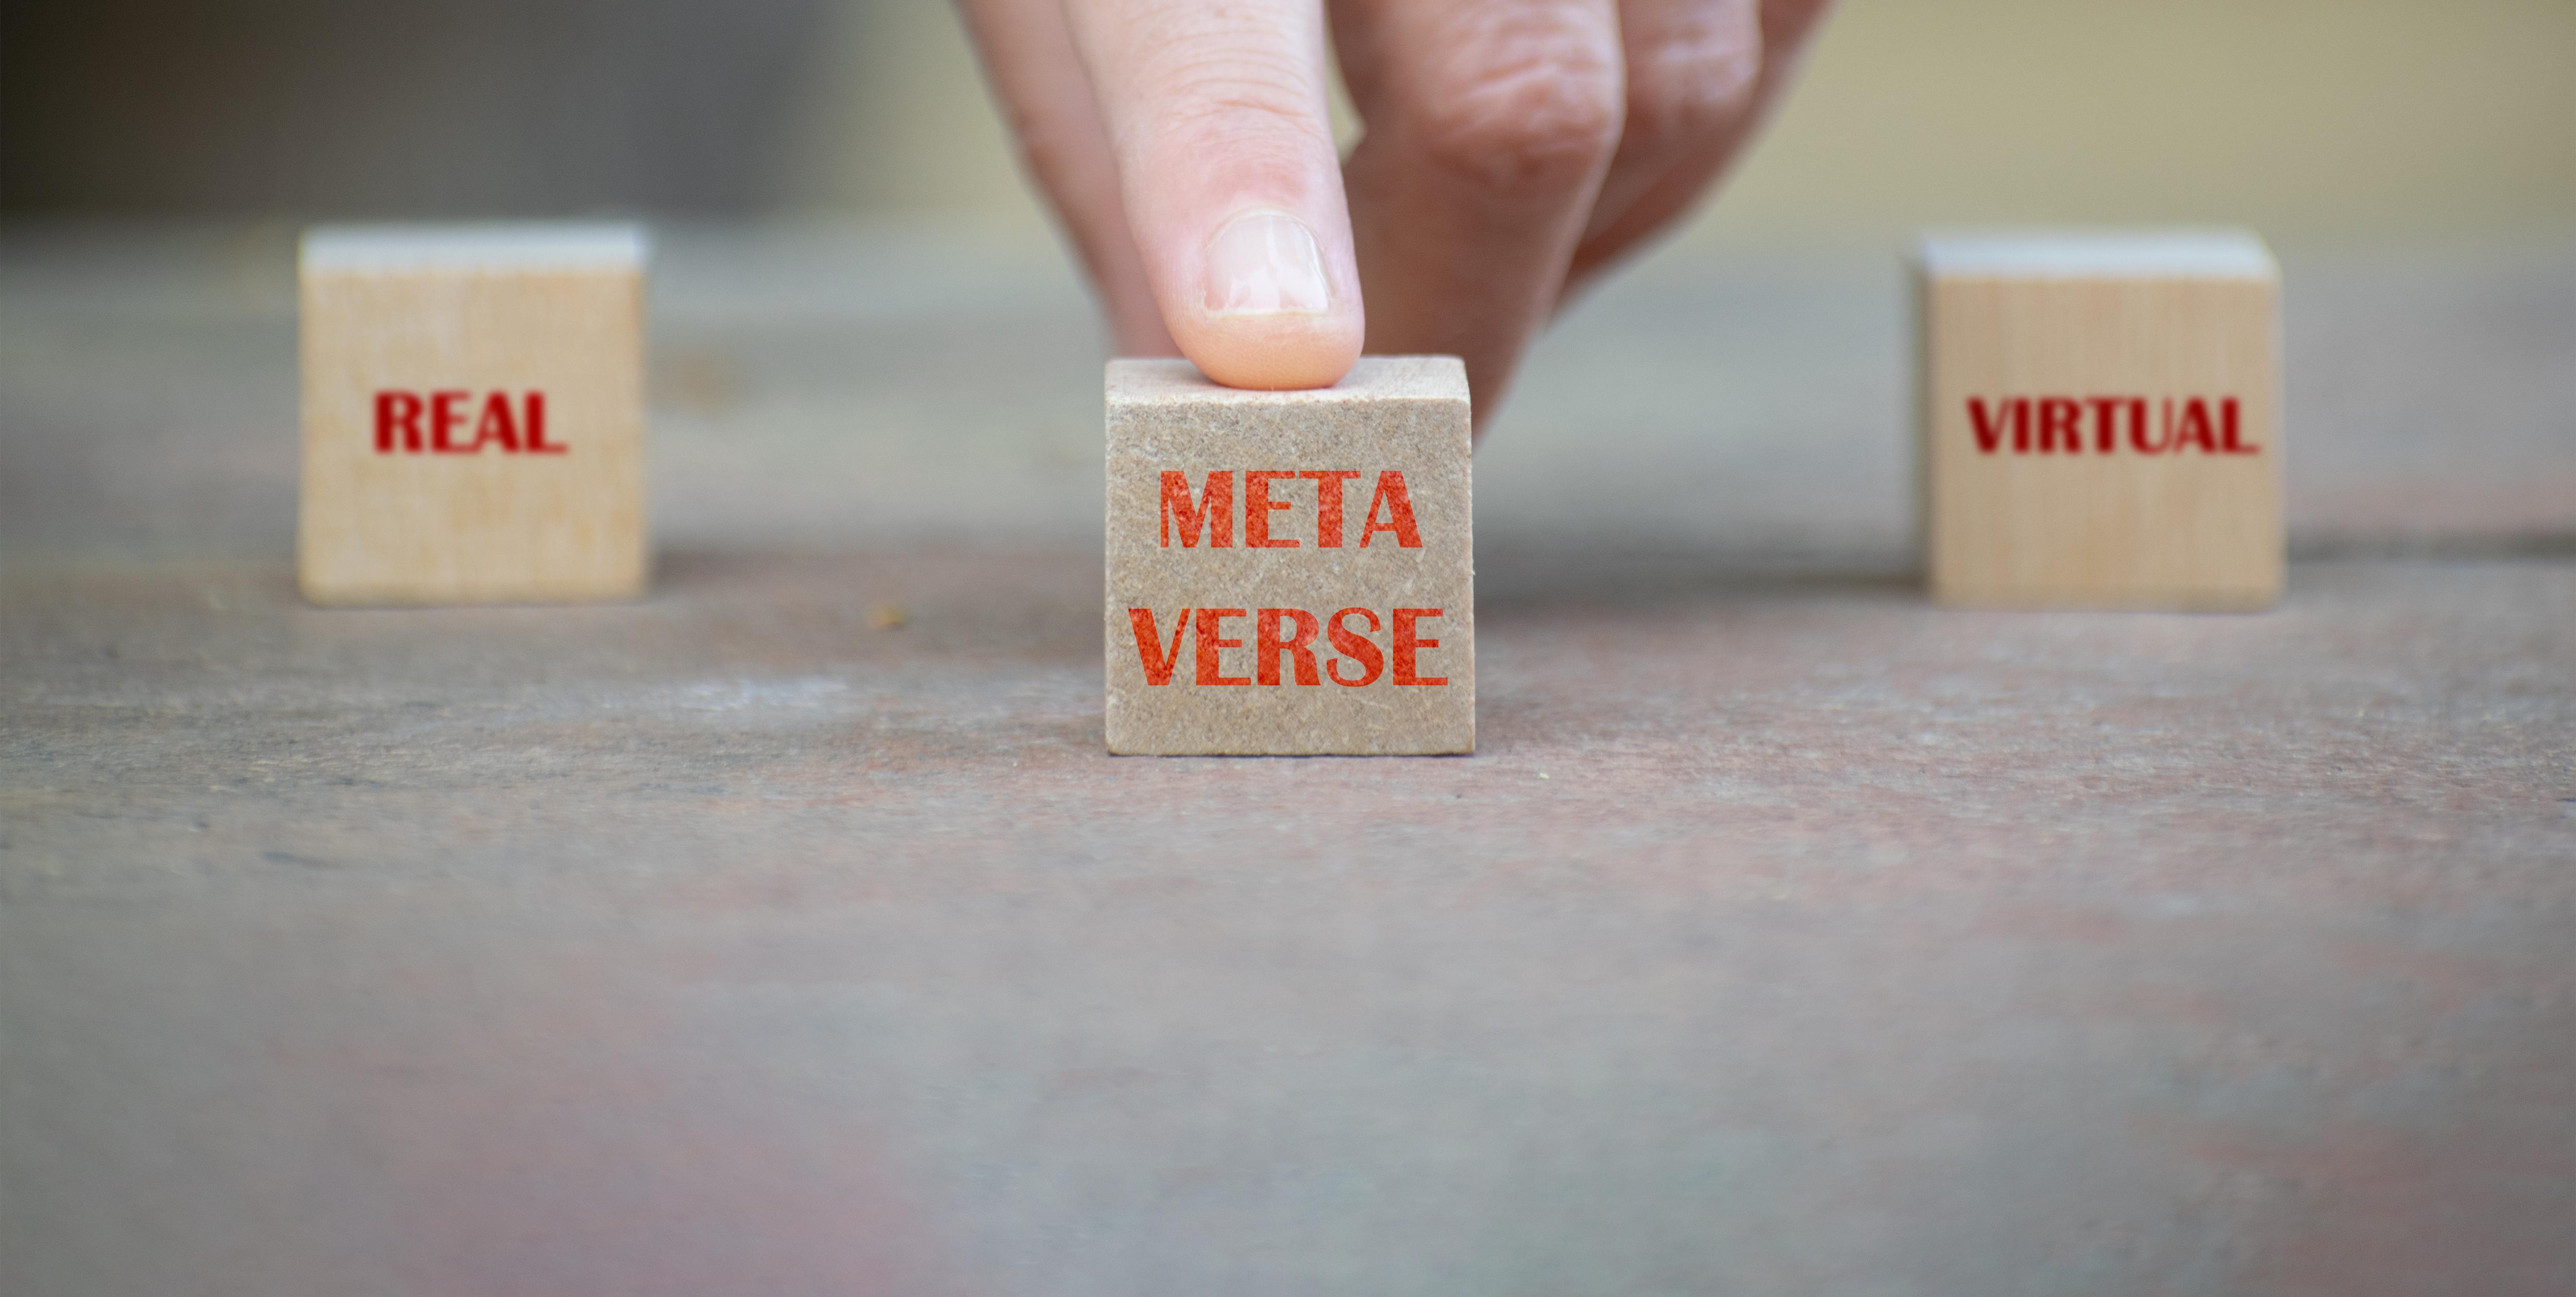 メタバース空間をワンワールドで実現する時の技術的課題と対策